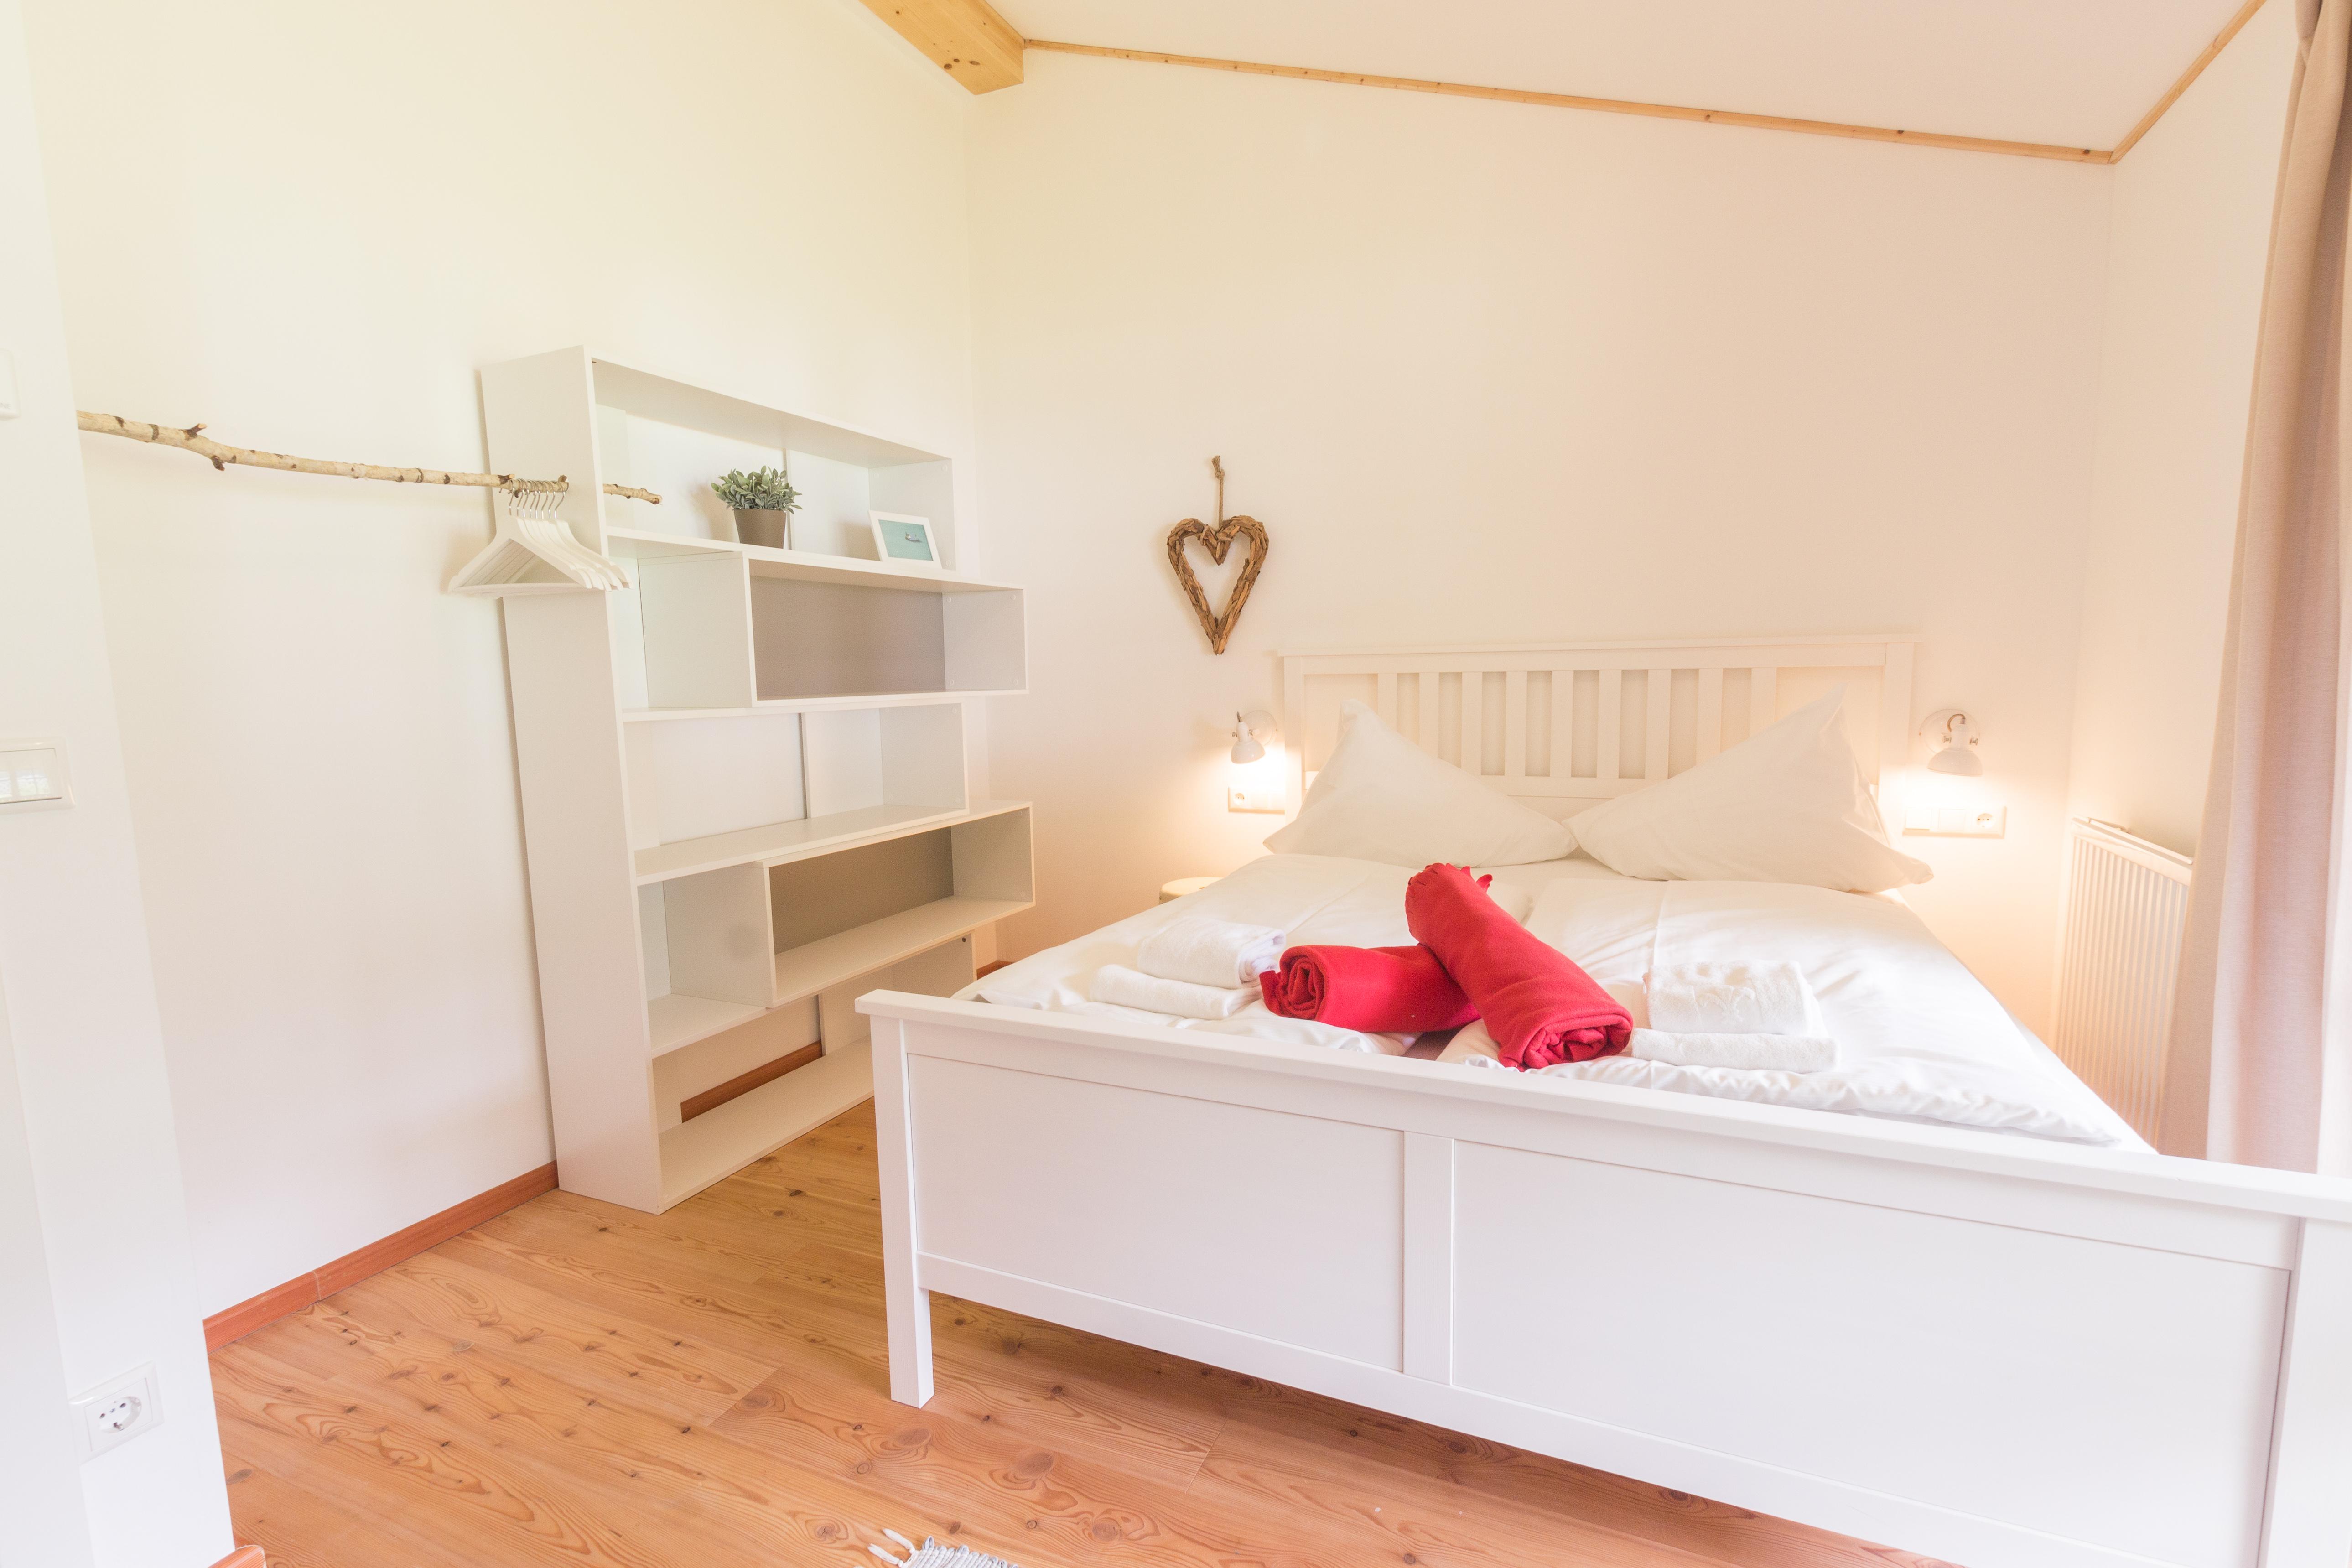 Maison de vacances Lodge Enzian direkt am Skilift (2050396), Uttendorf, Pinzgau, Salzbourg, Autriche, image 15